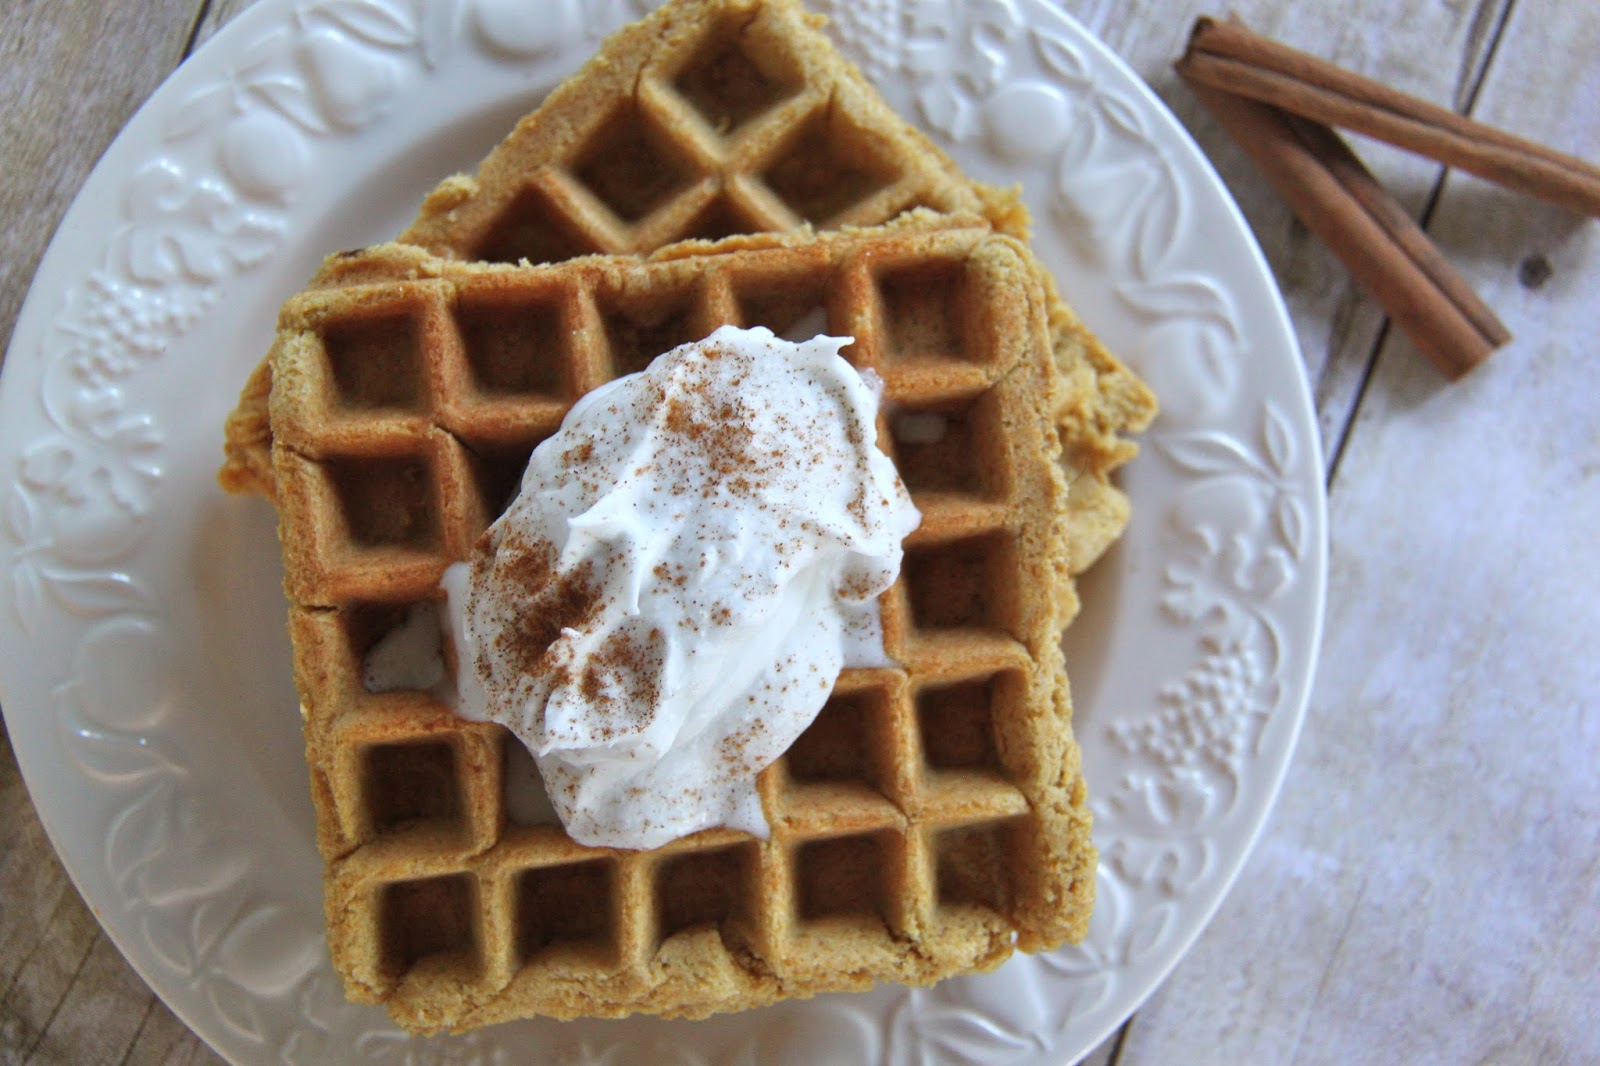 Pillsbury Cake Mix Waffles